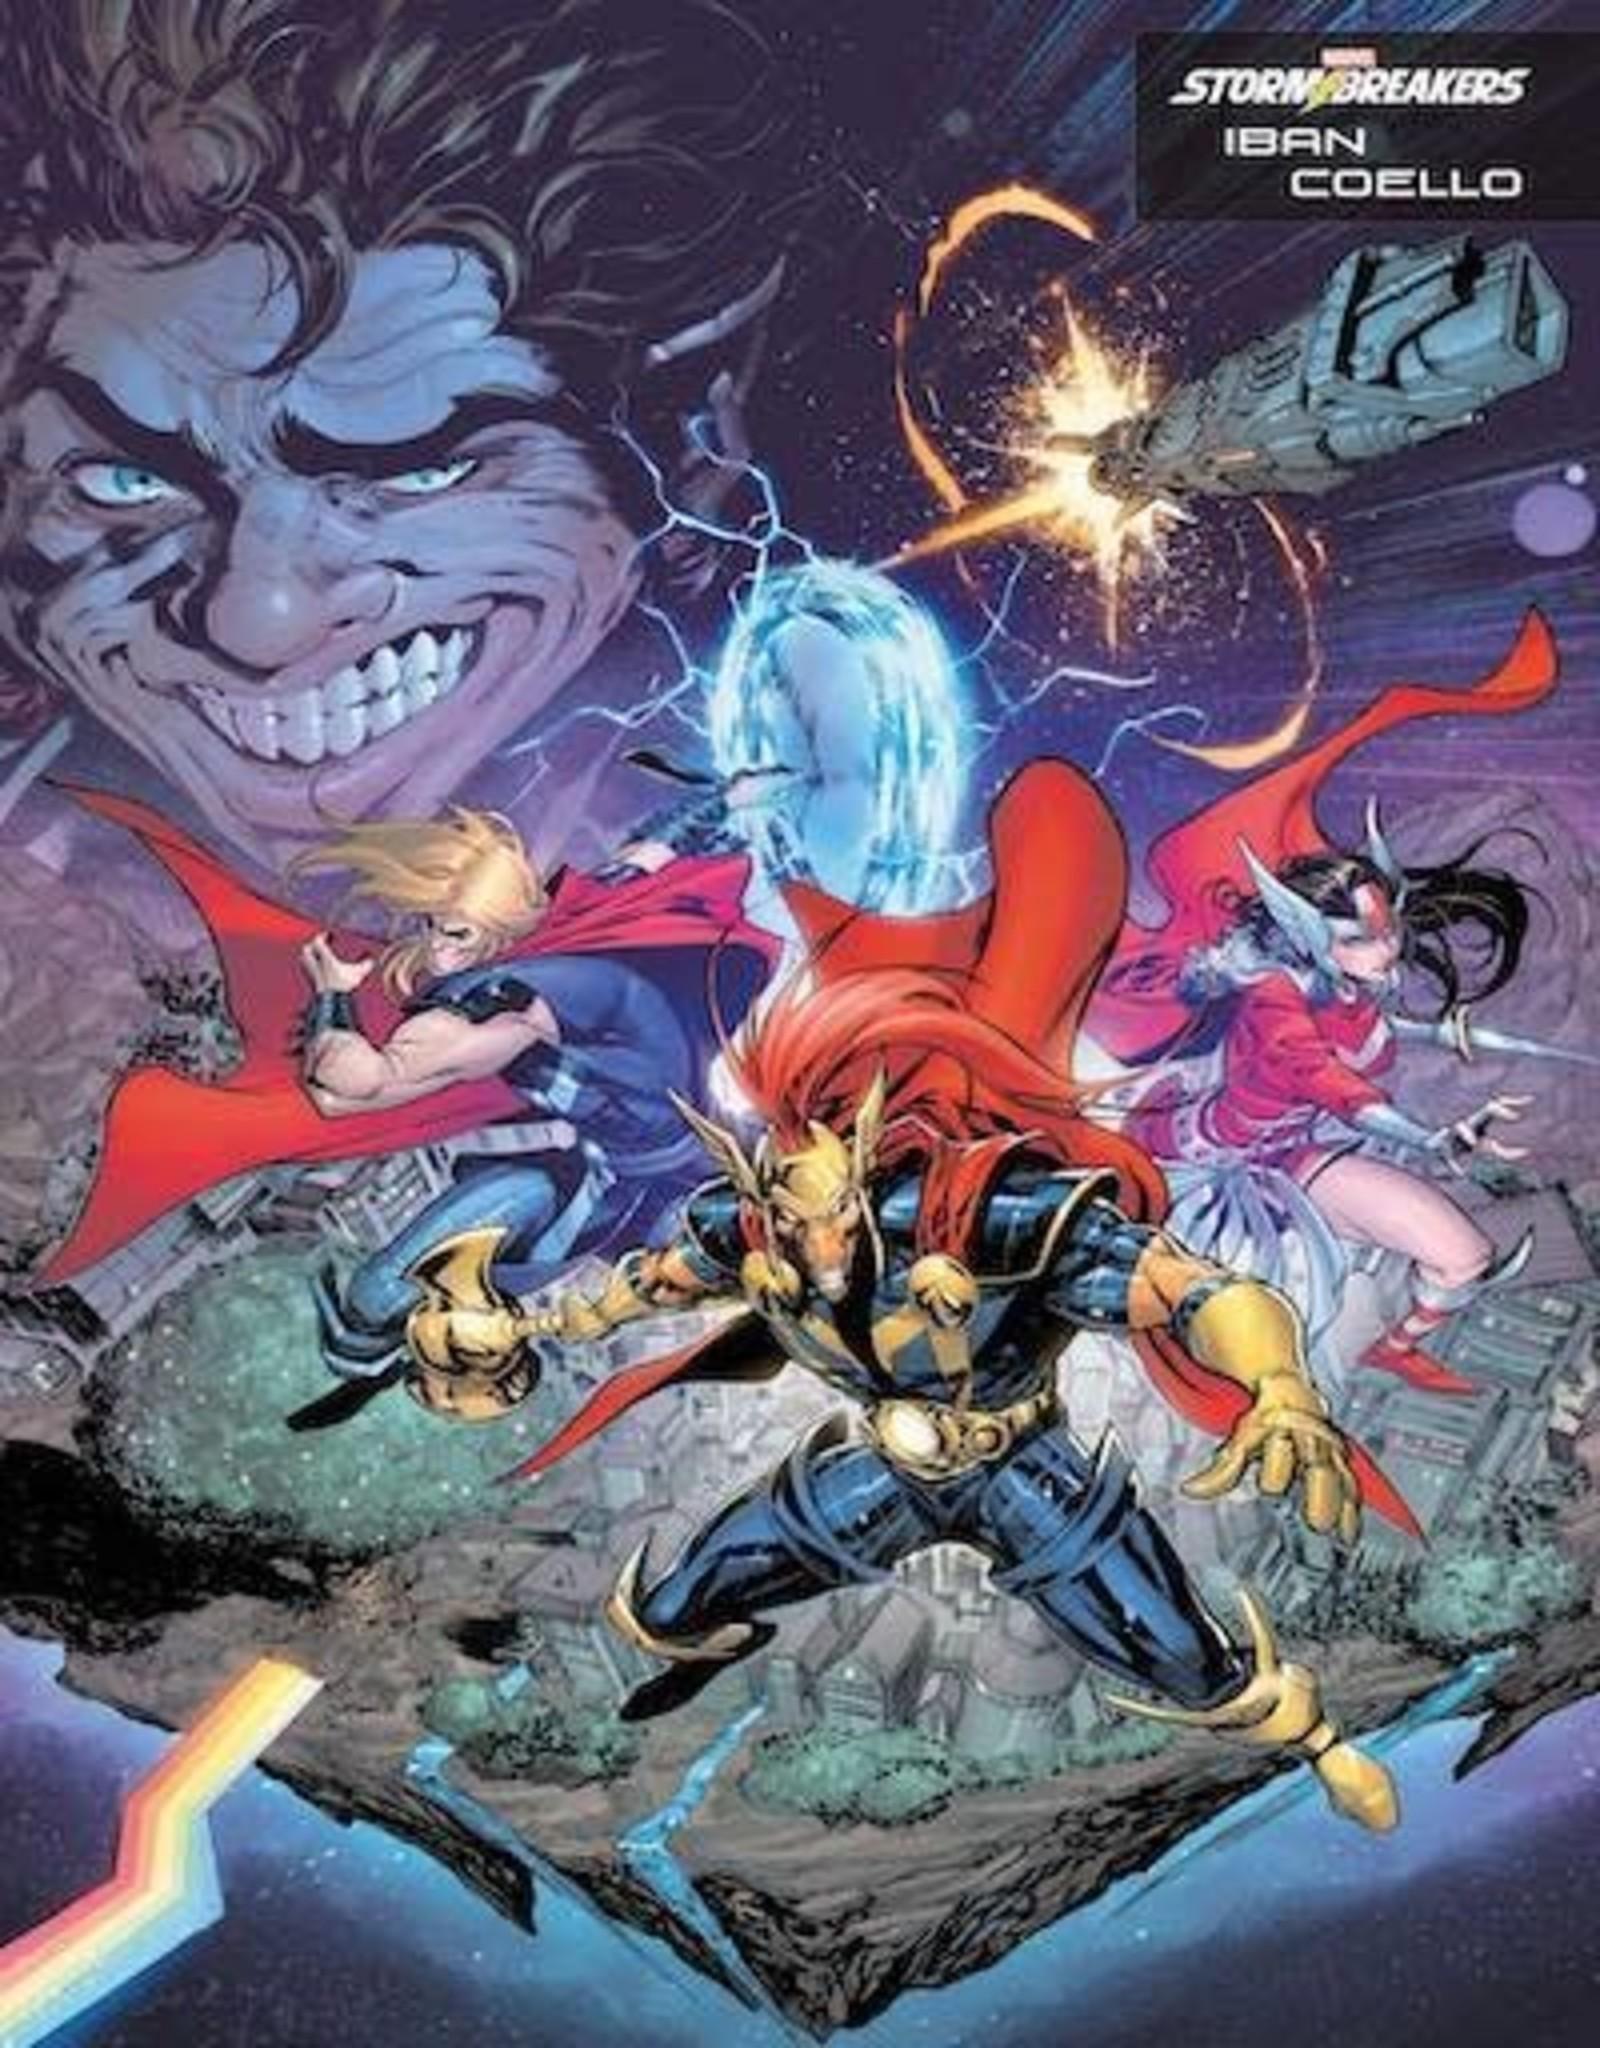 Marvel Comics Beta Ray Bill #1 Coello Stormbreakers Var KIB